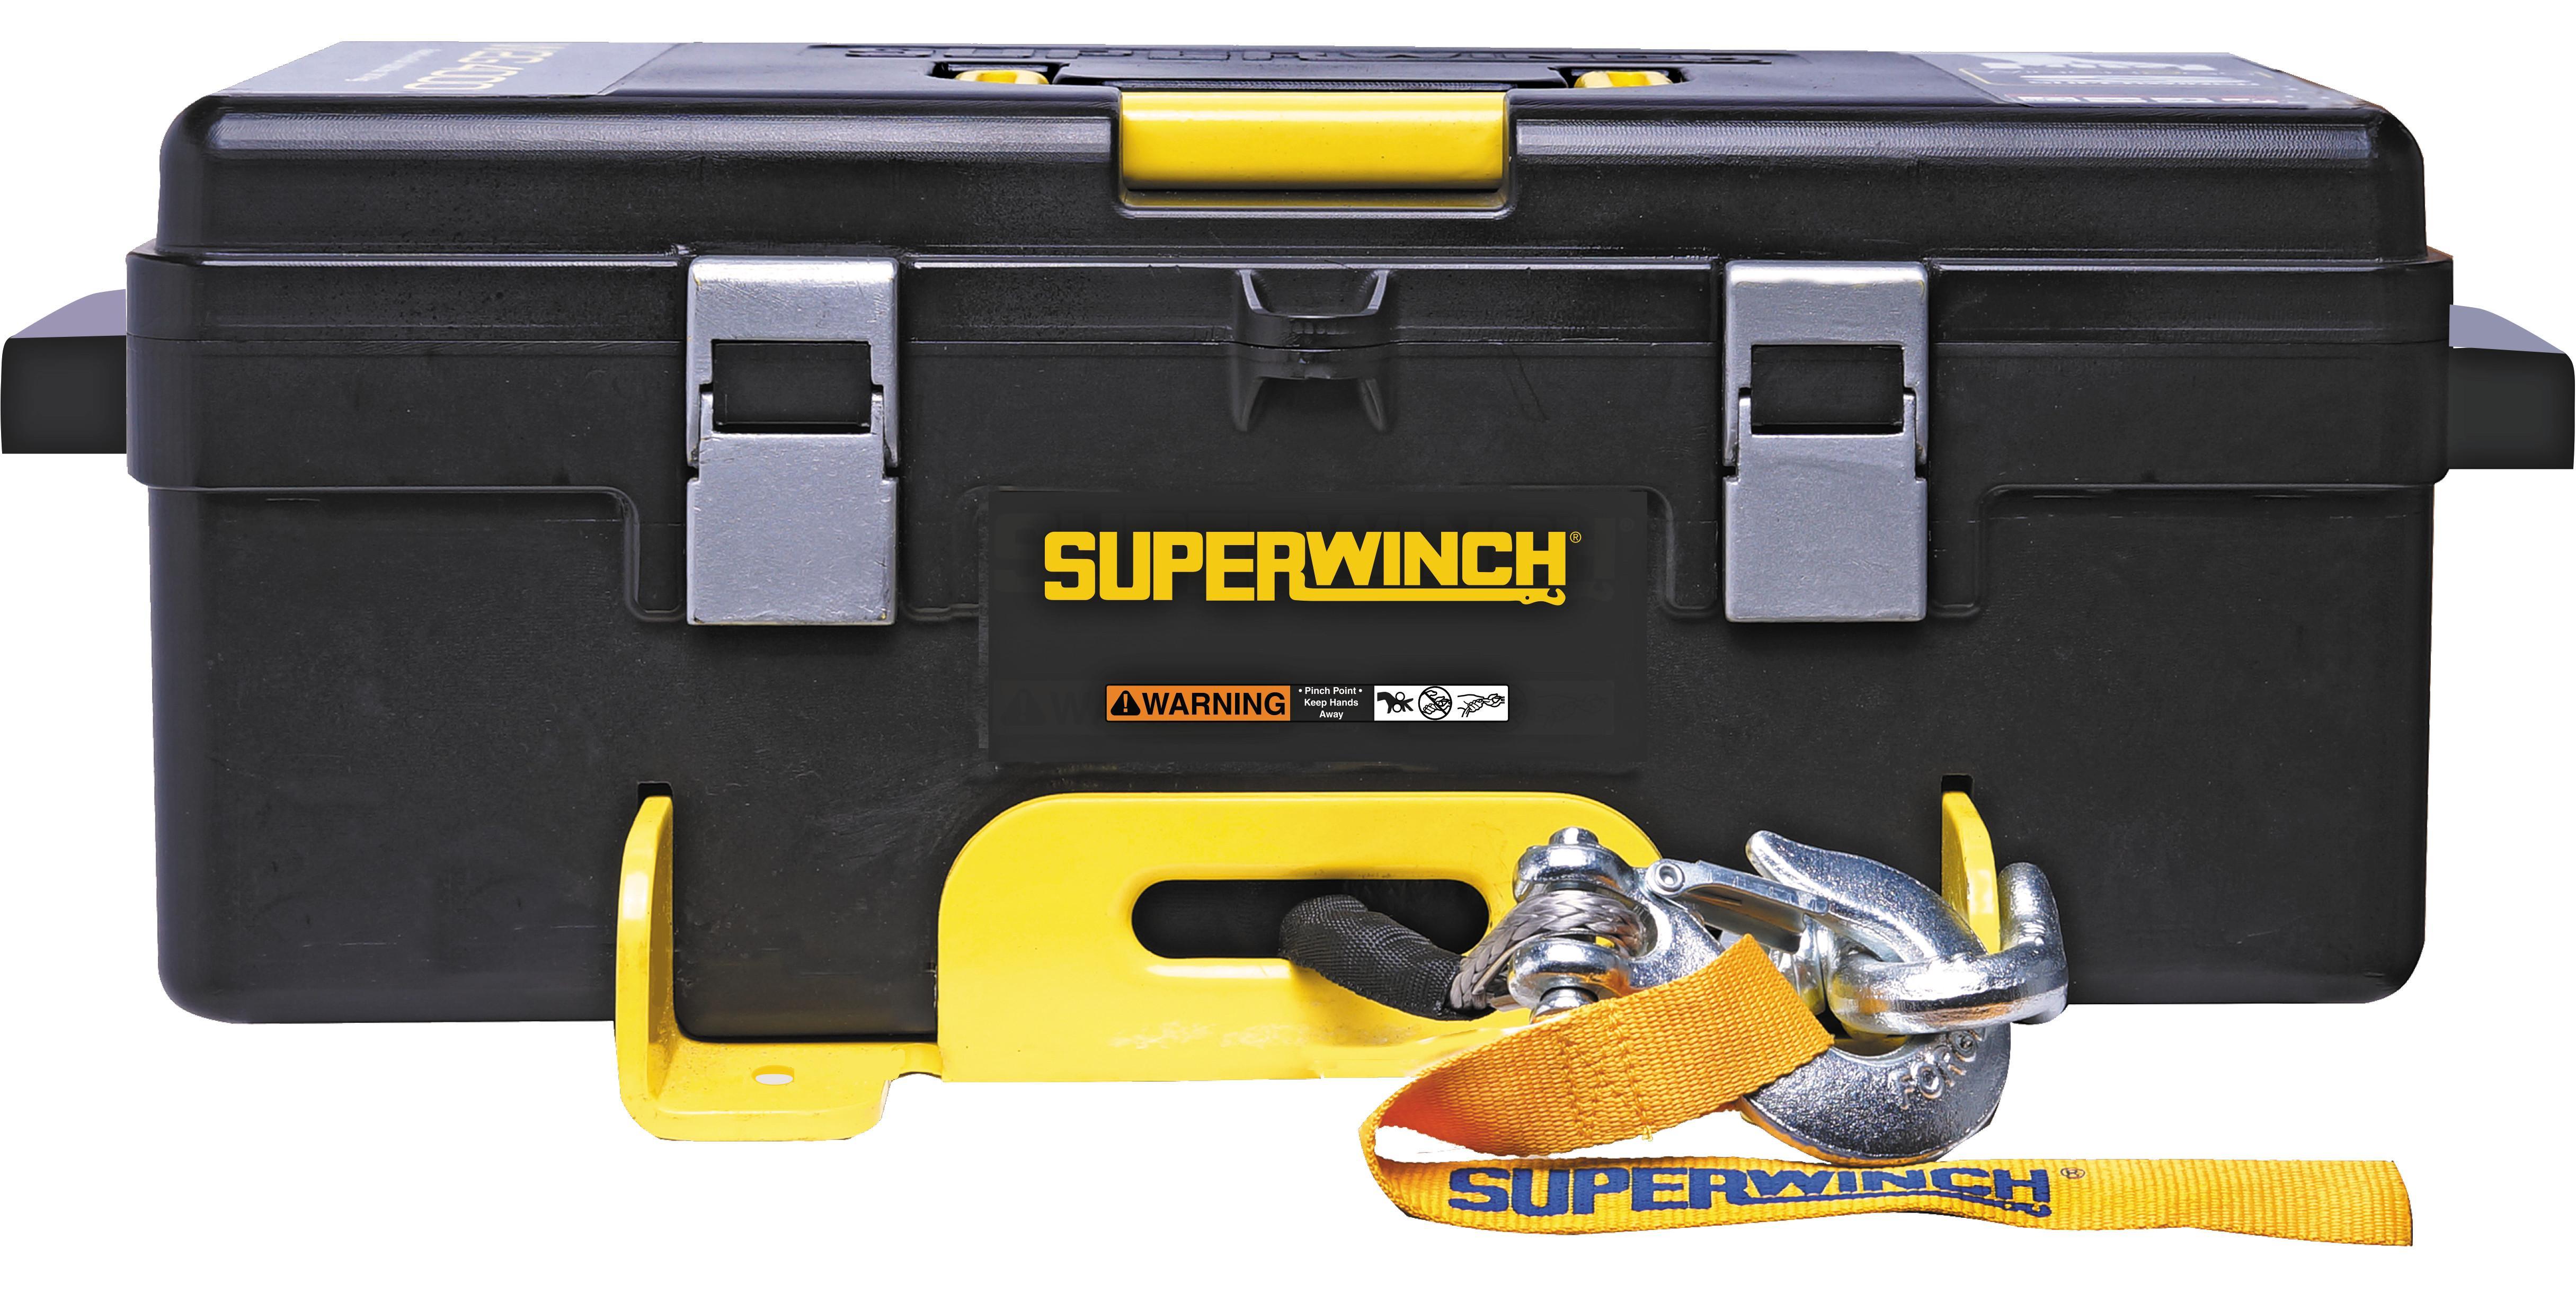 Amazon.com: Superwinch 1140222 Winch 2 Go 12V 4000 Portable Winch ...